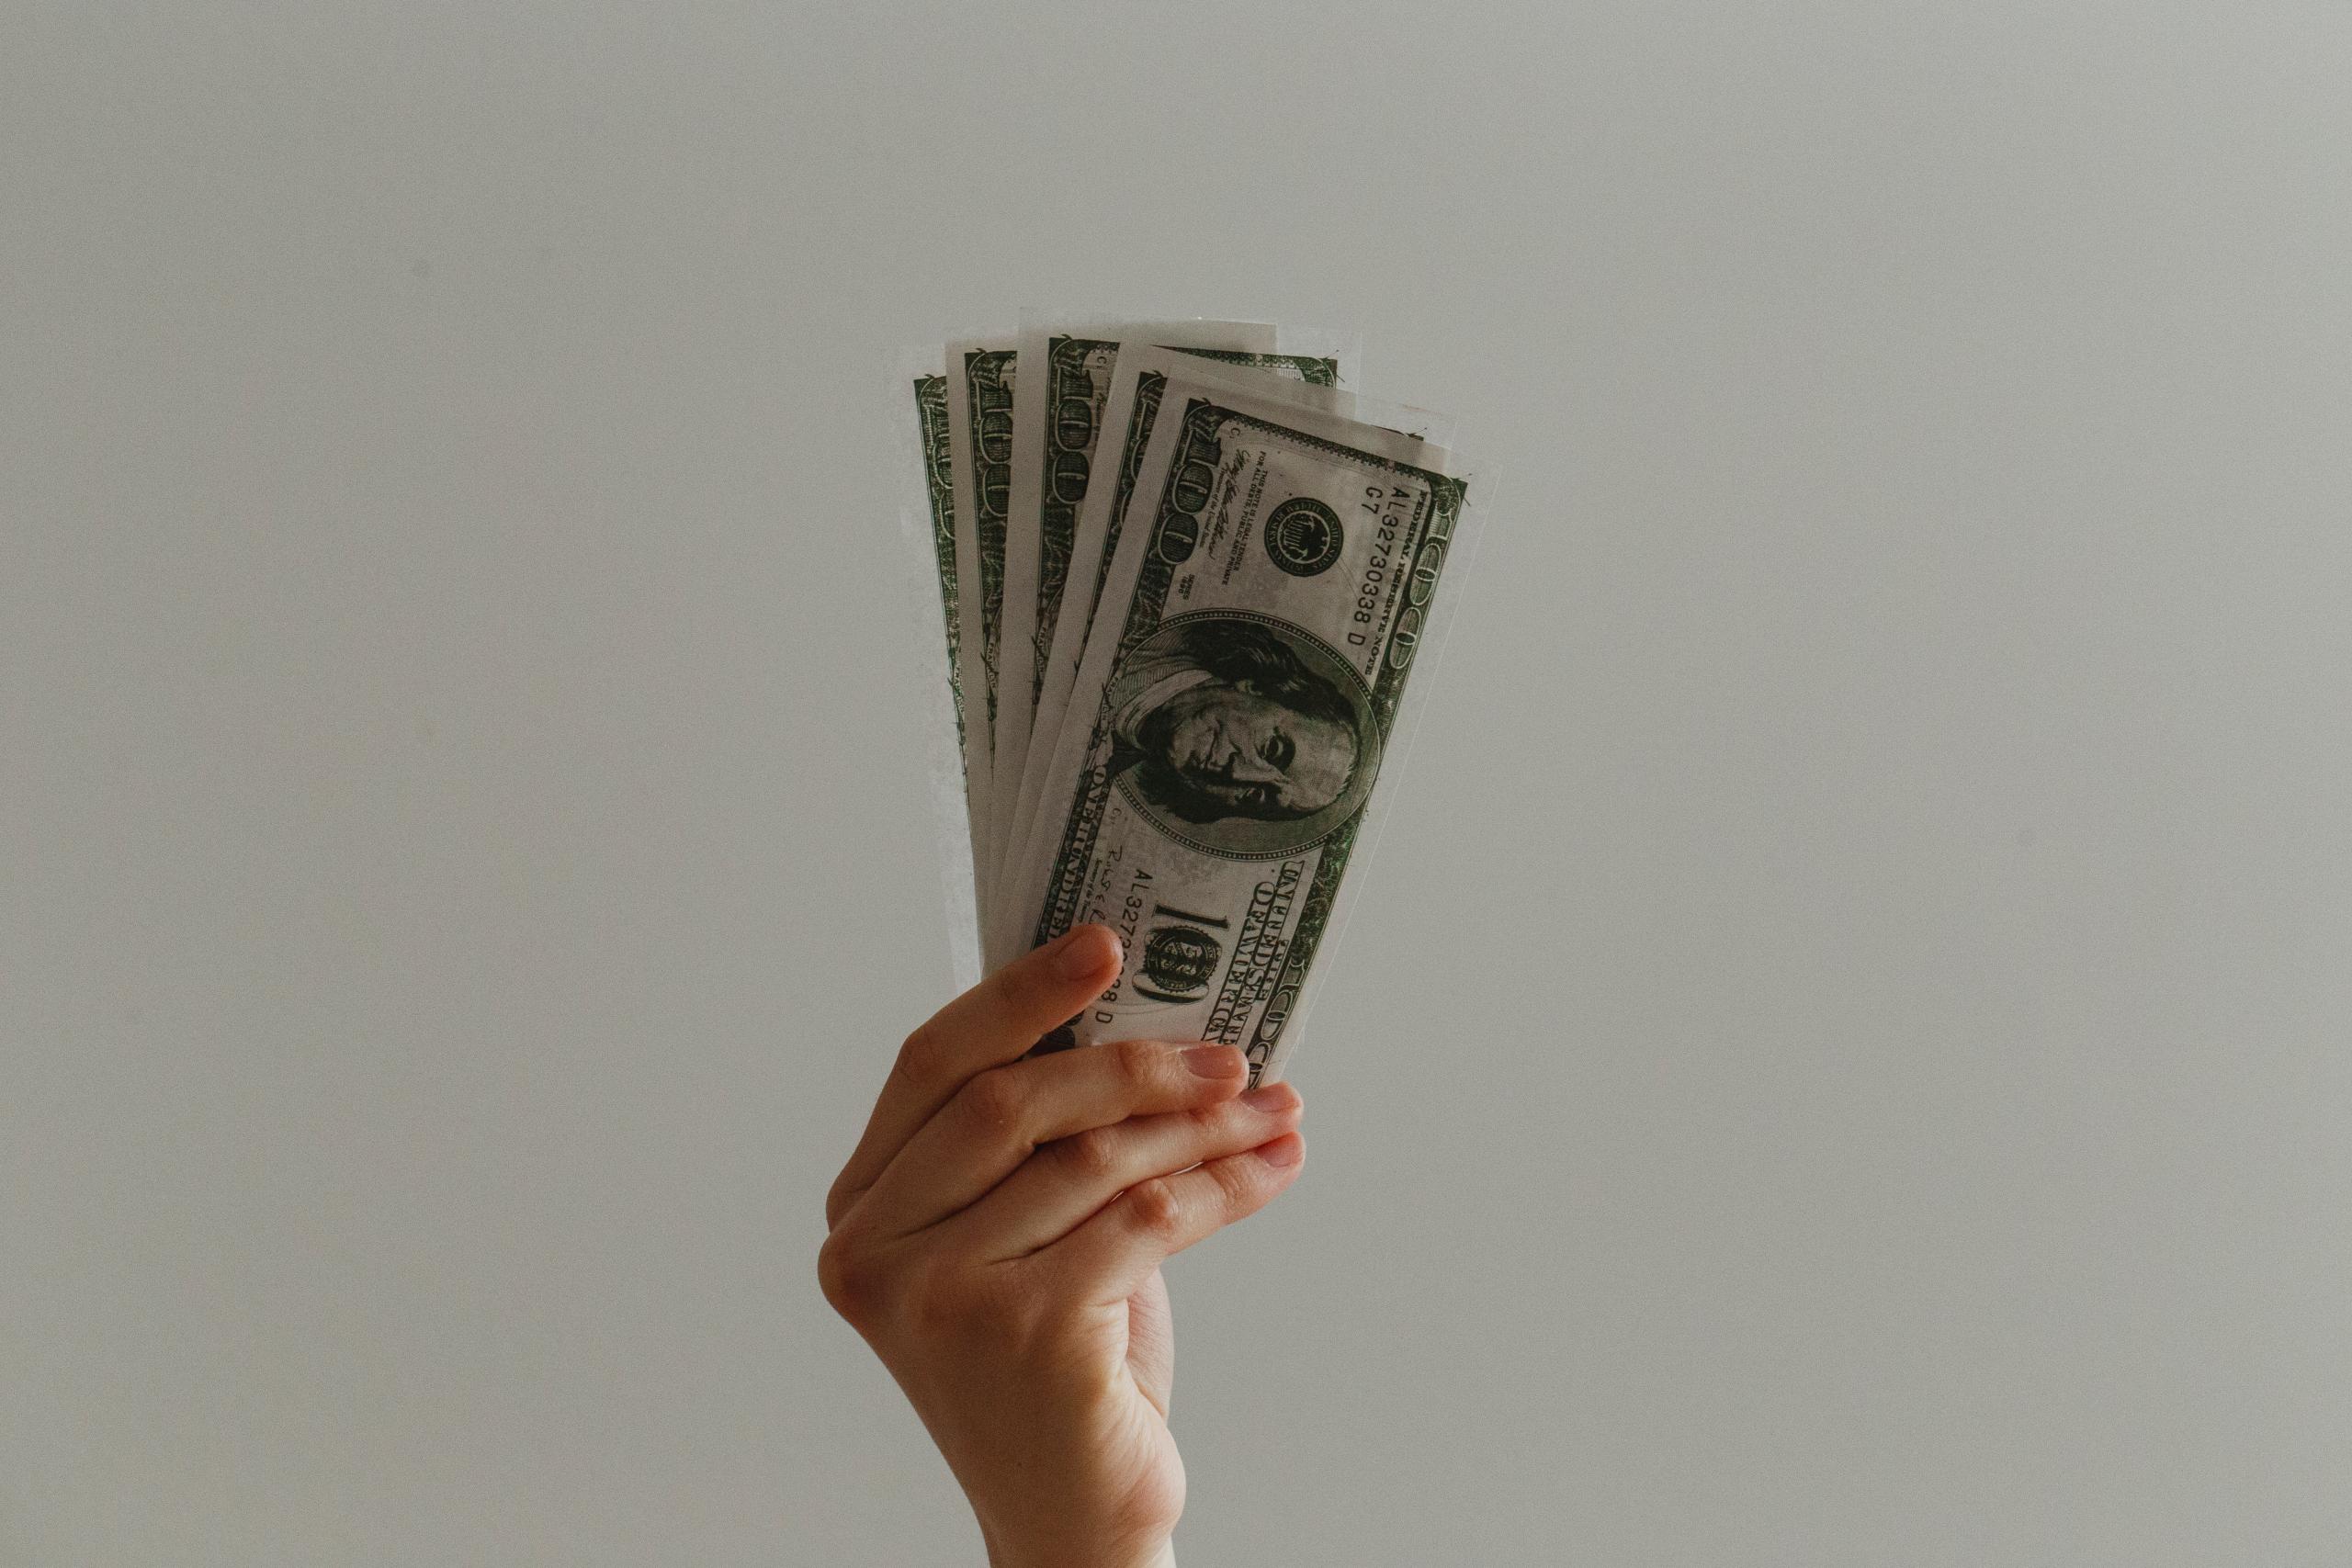 Investasi Yang Paling Baik Digunakan Untuk Mempersiapkan Masa Depan